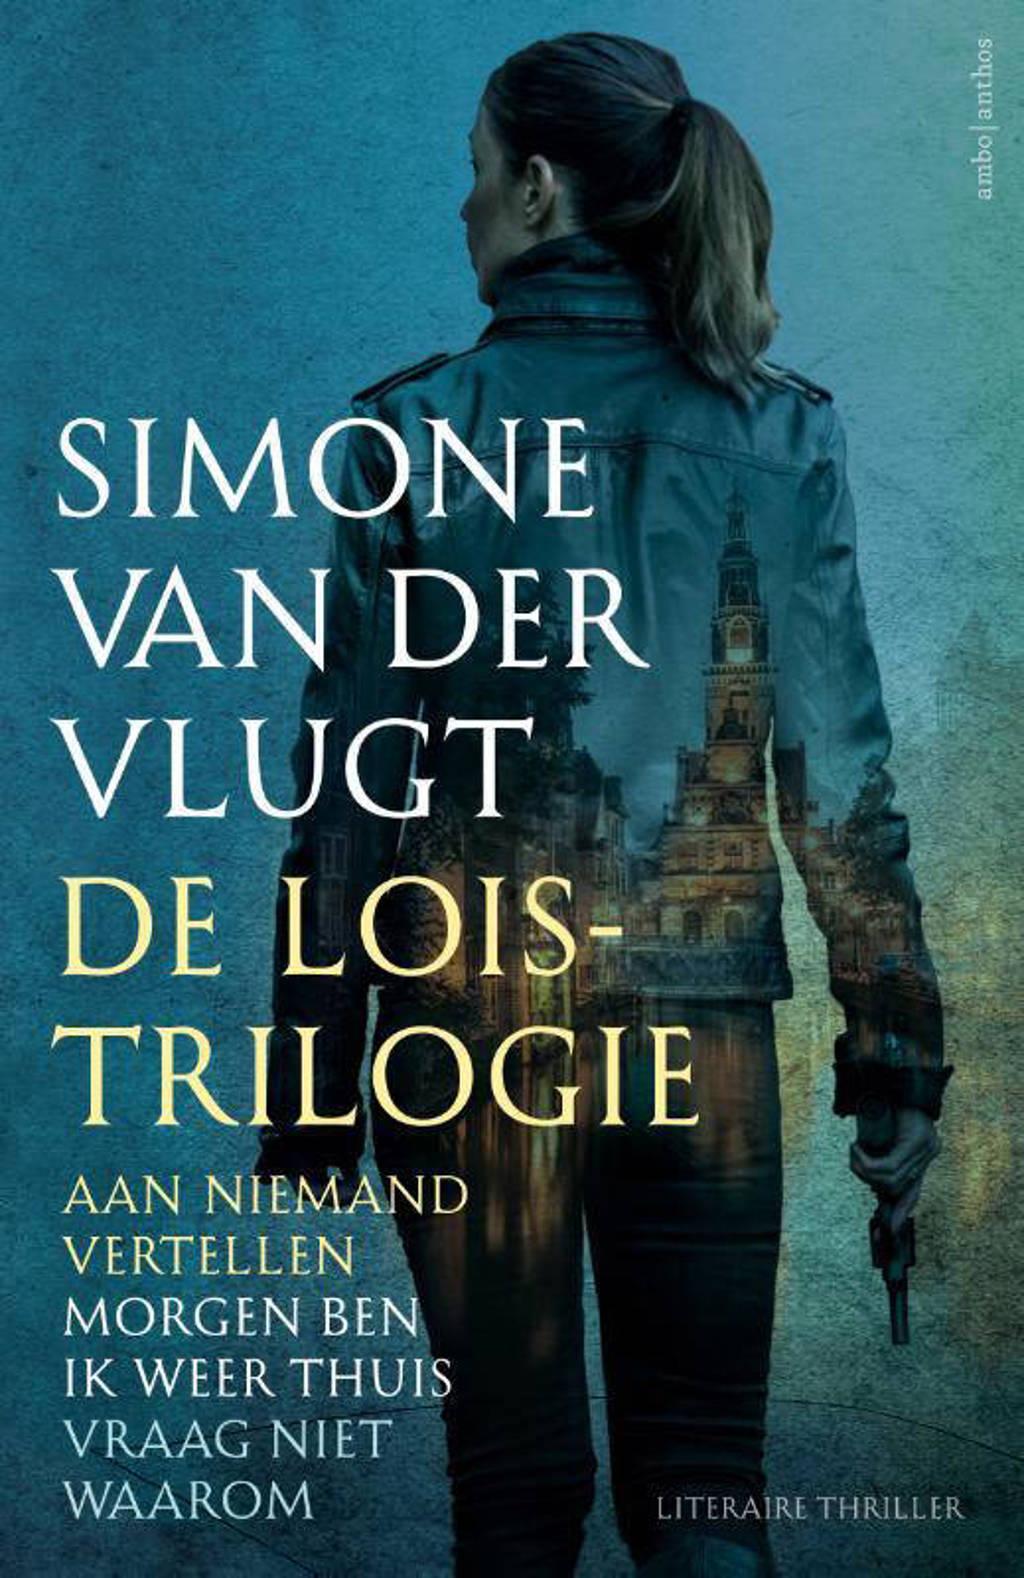 De Lois Trilogie - Simone van der Vlugt